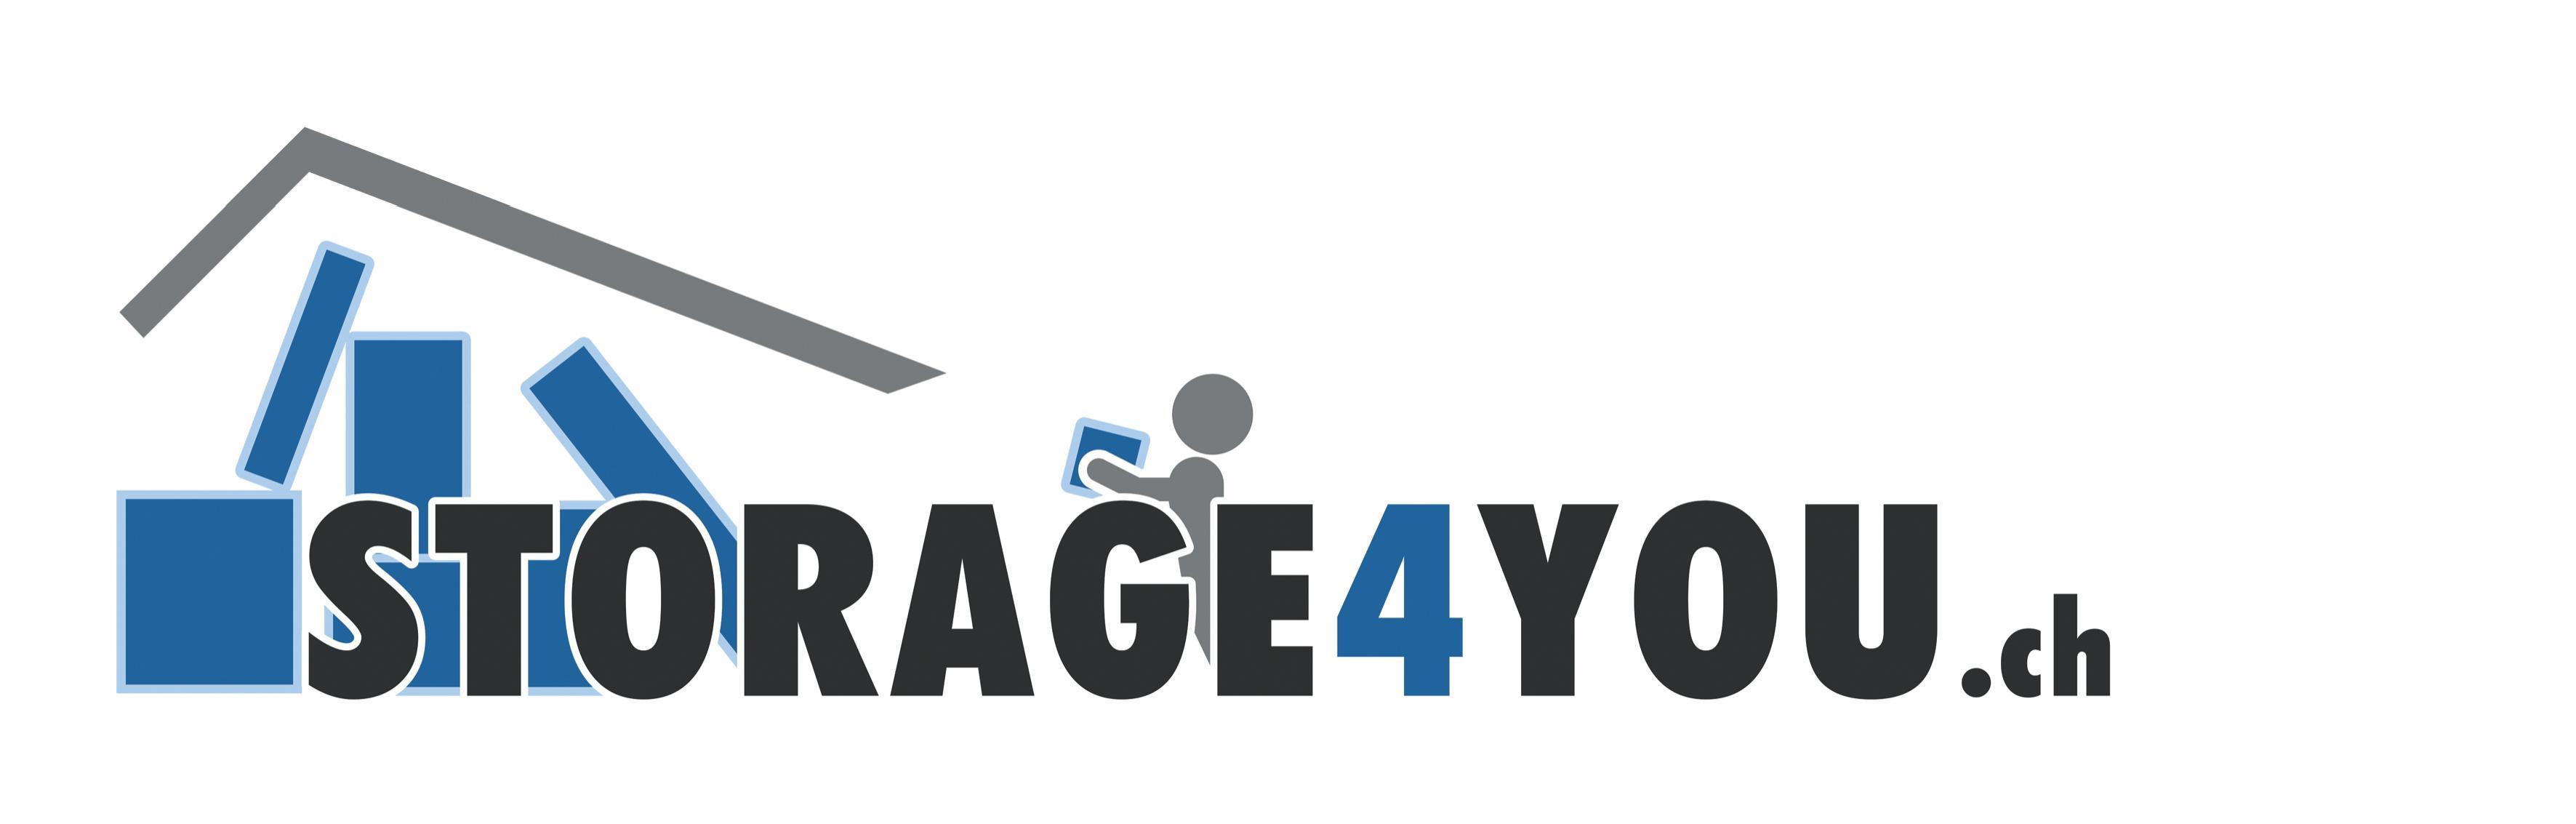 storage4you